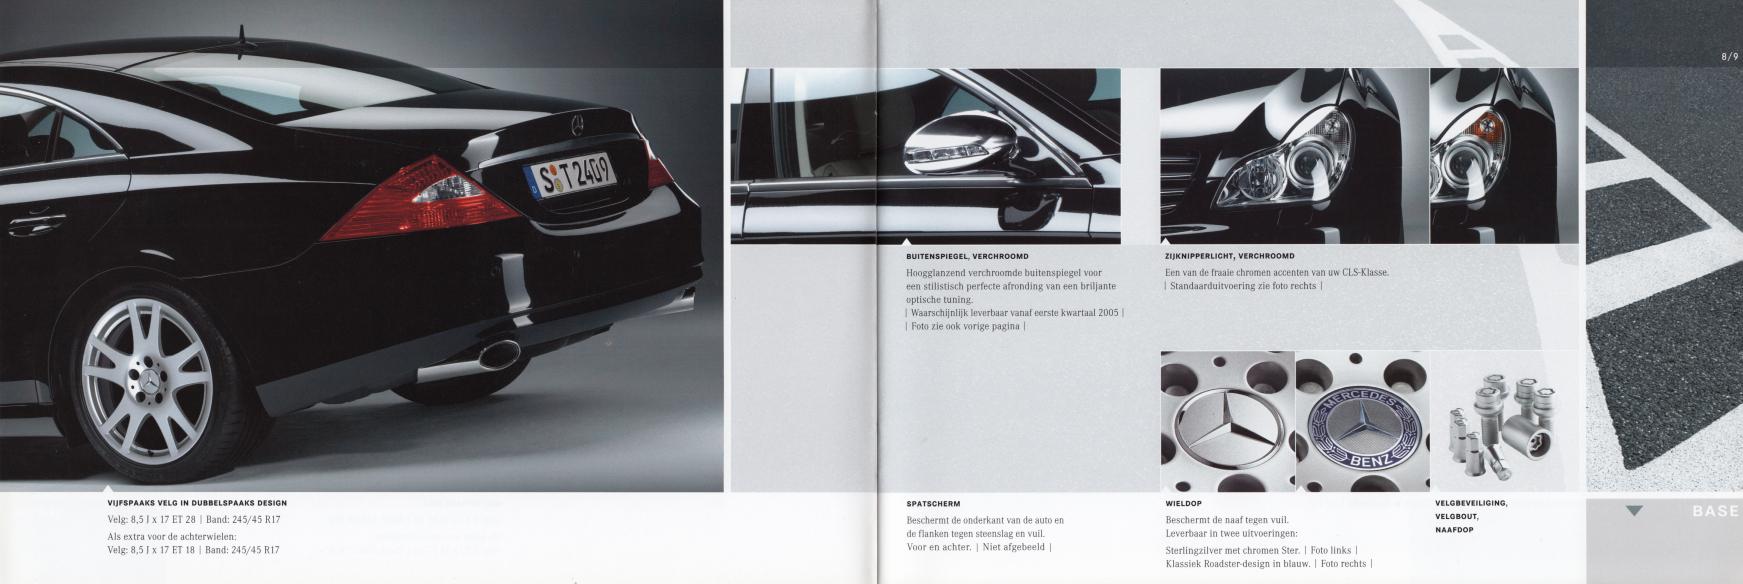 (C219): Catálogo de acessórios 2004 - neerlandês 005